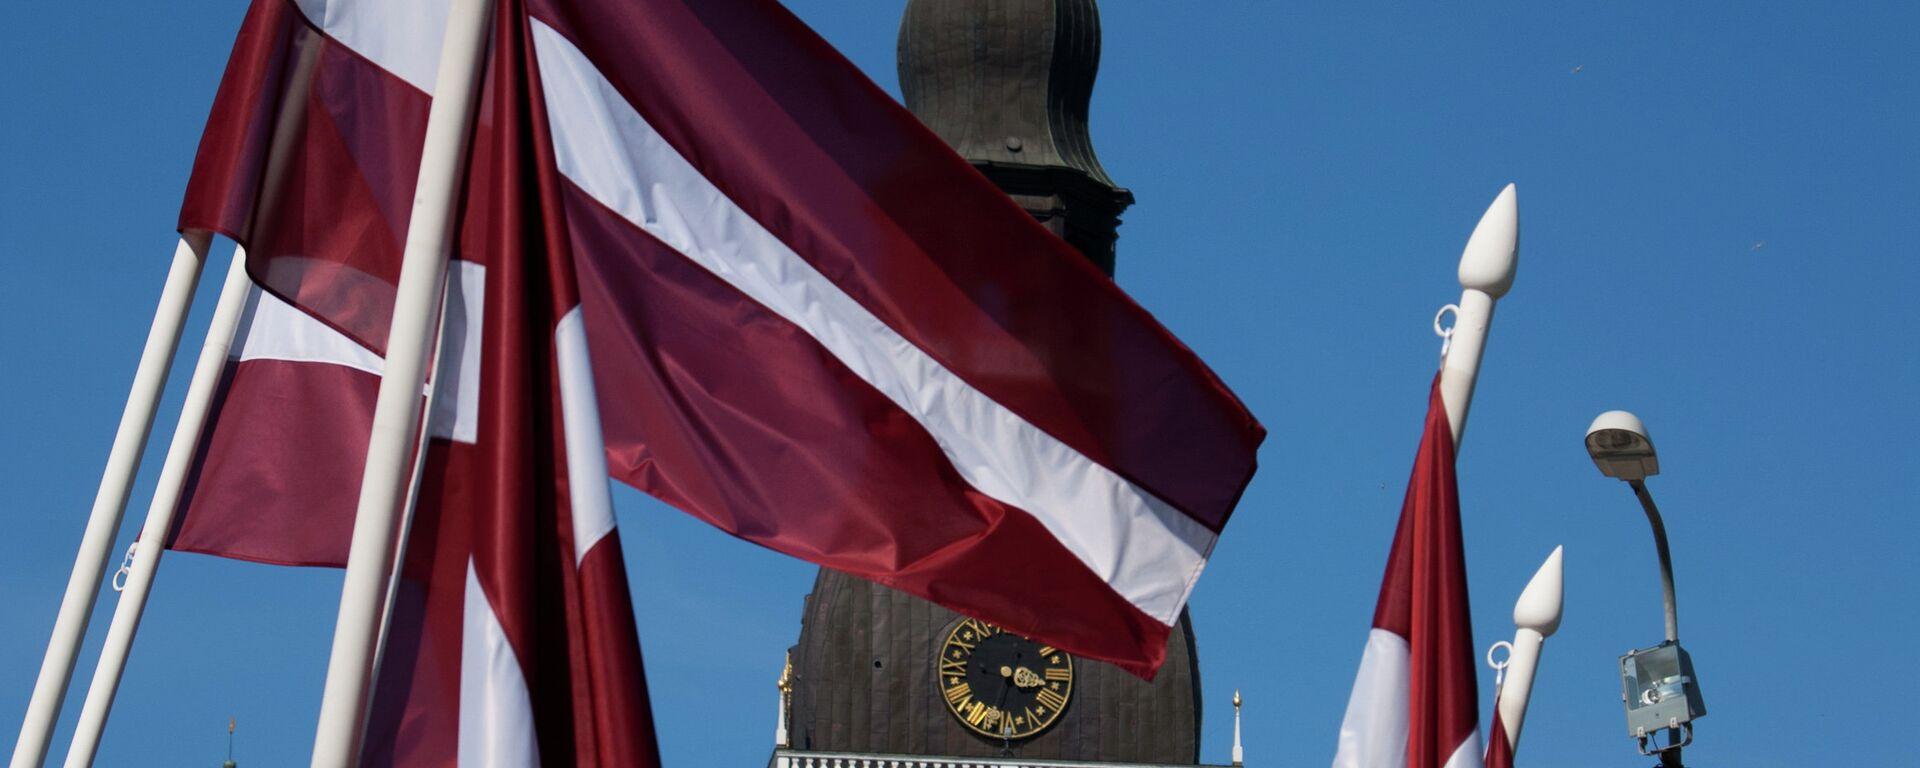 Bandera de Letonia - Sputnik Mundo, 1920, 23.04.2021